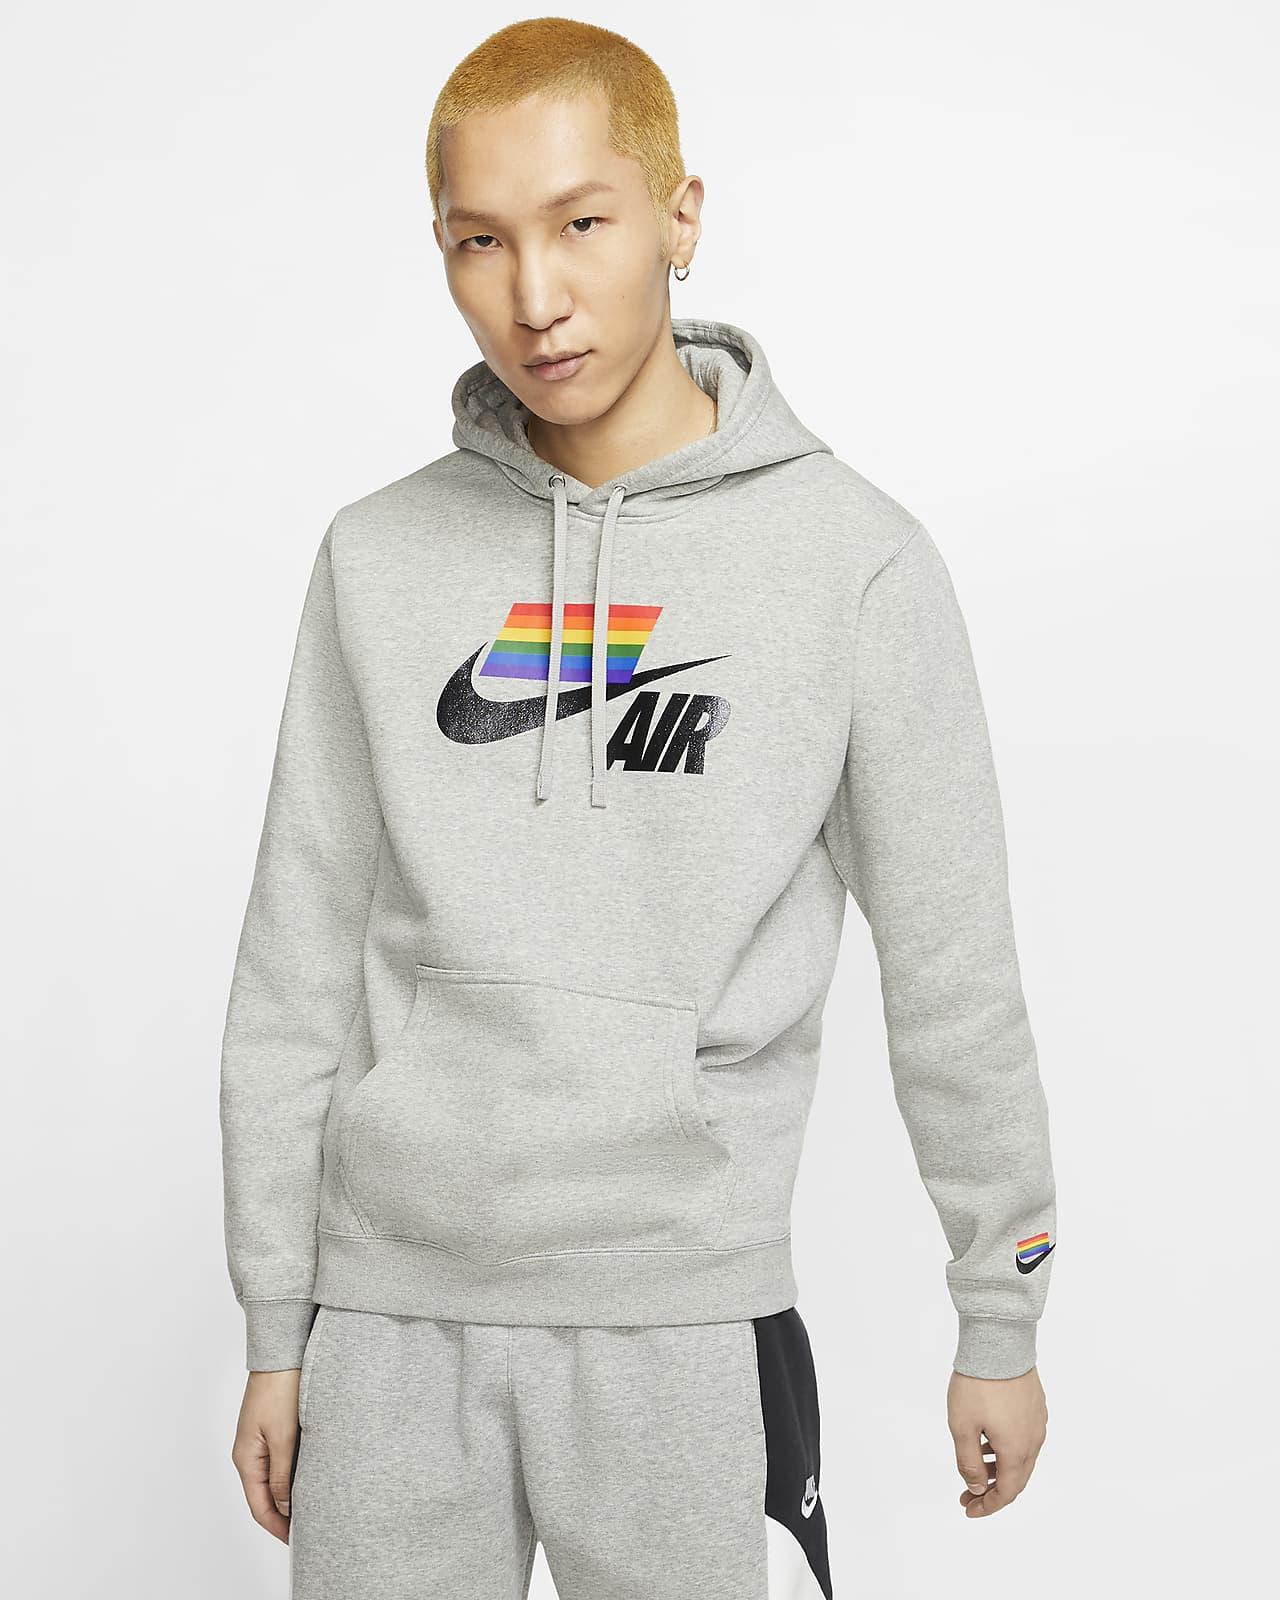 Nike BETRUE Pullover Hoodie